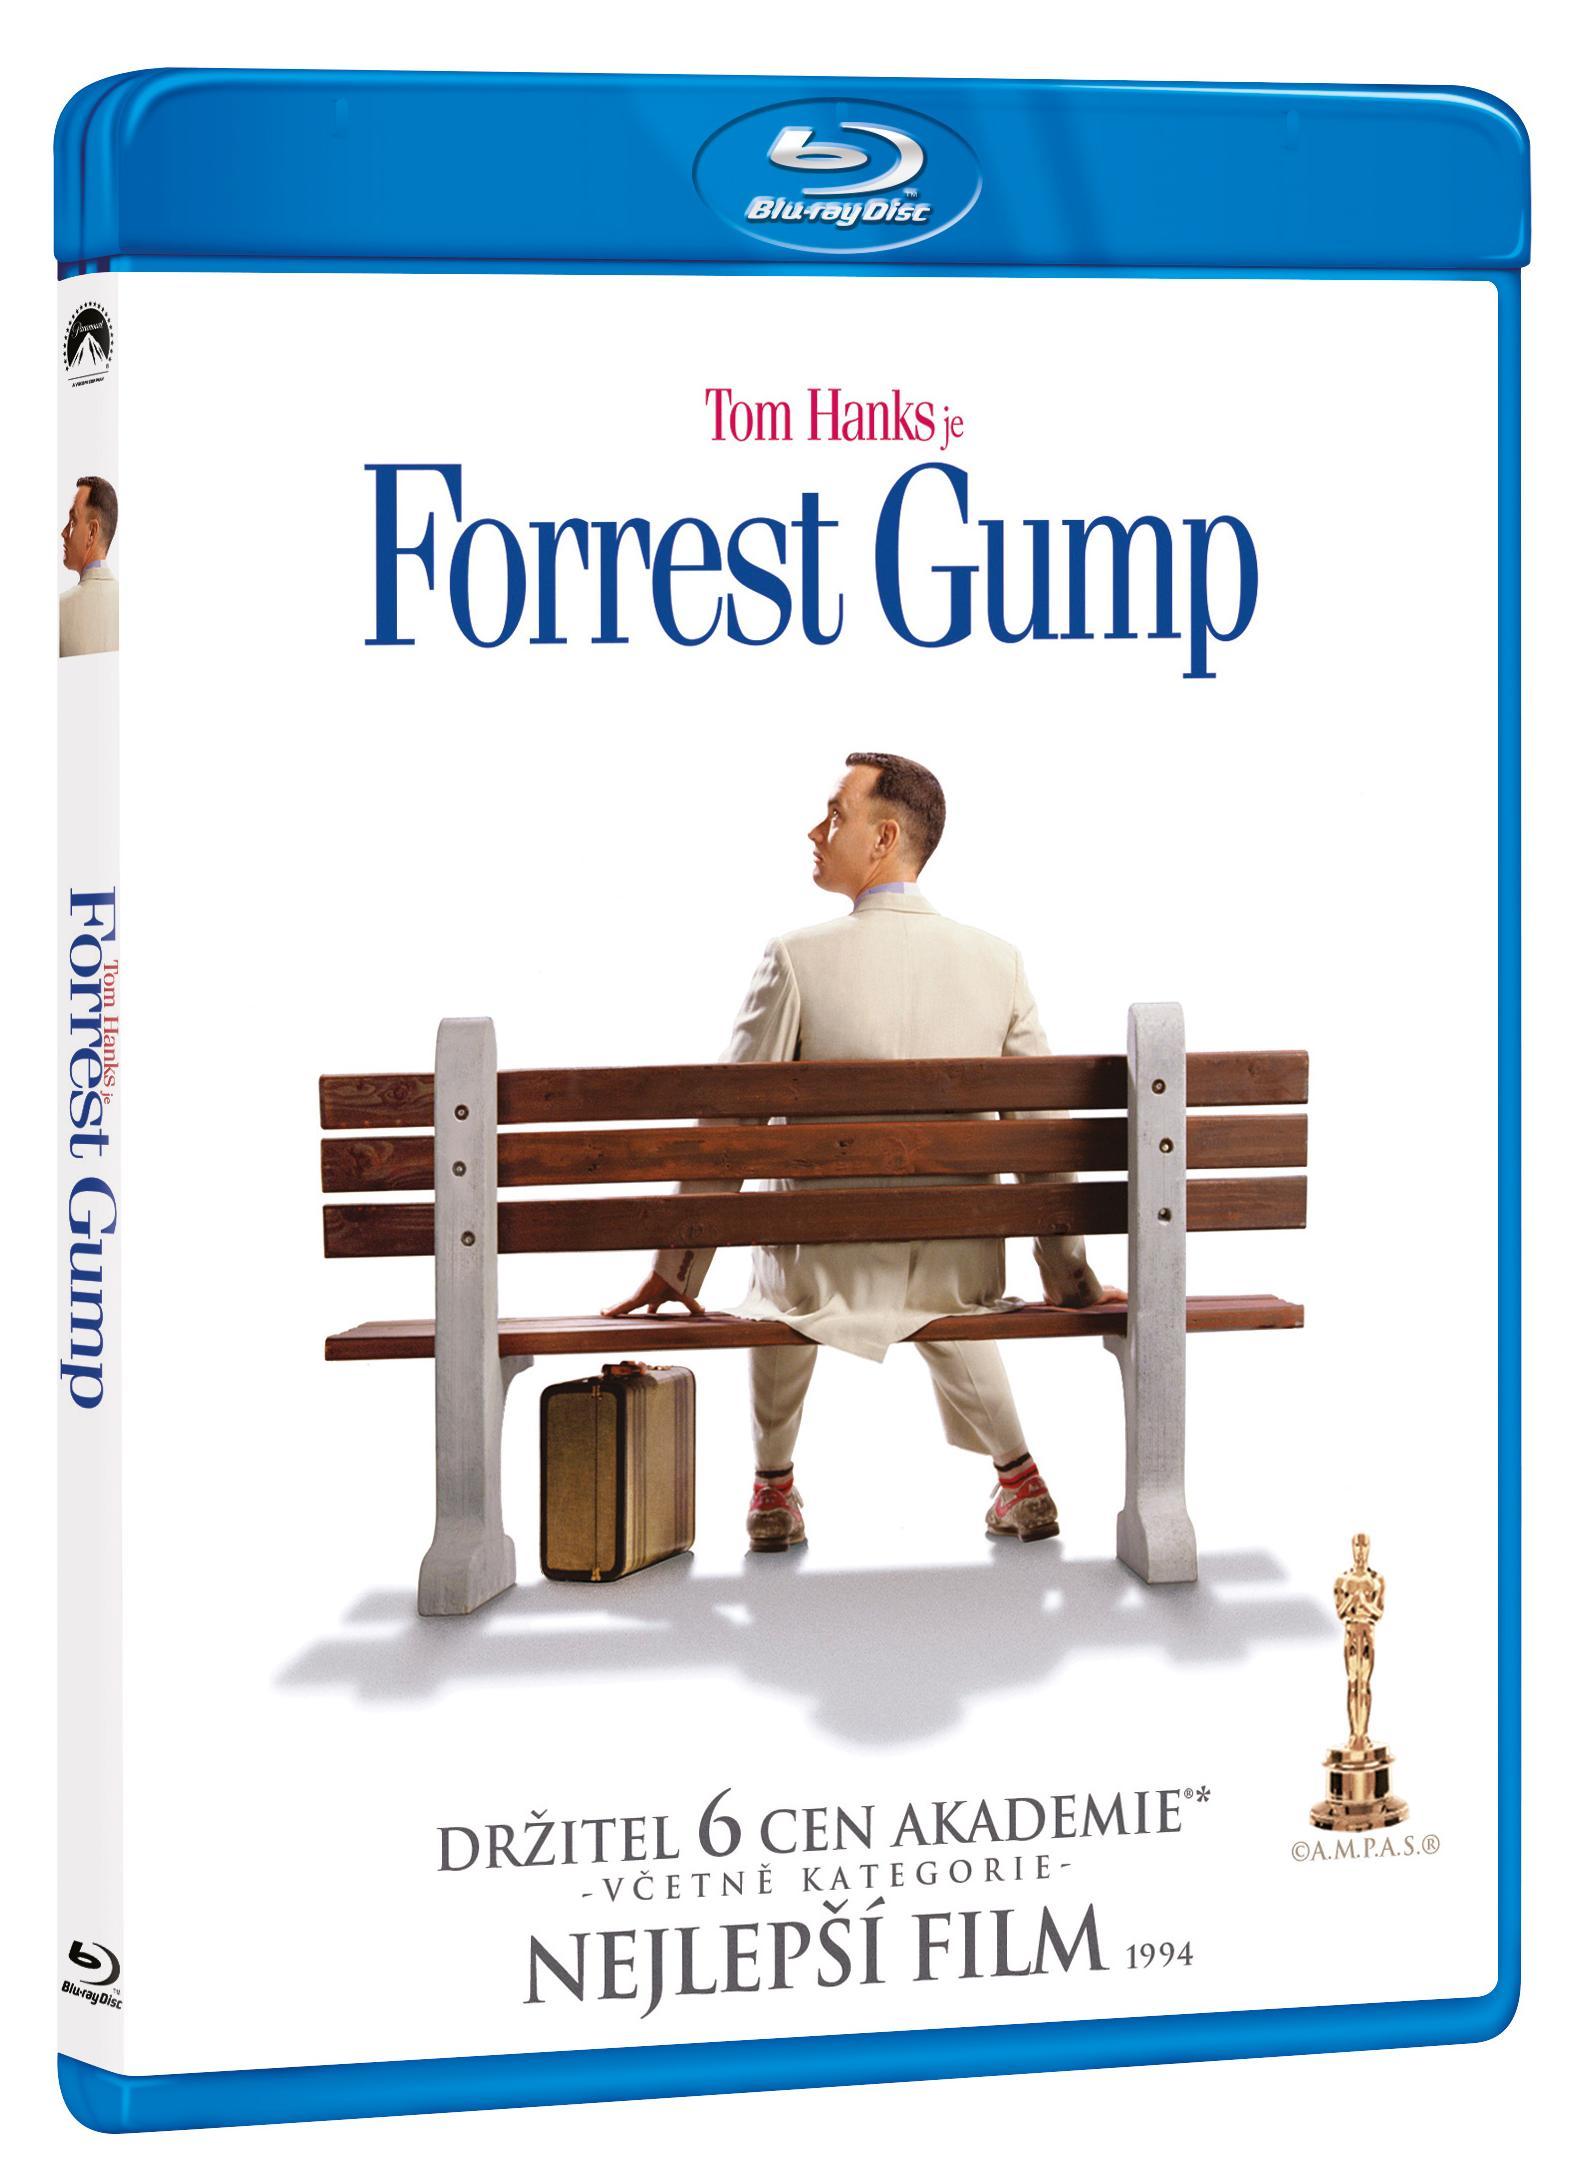 FORREST GUMP - Blu-ray